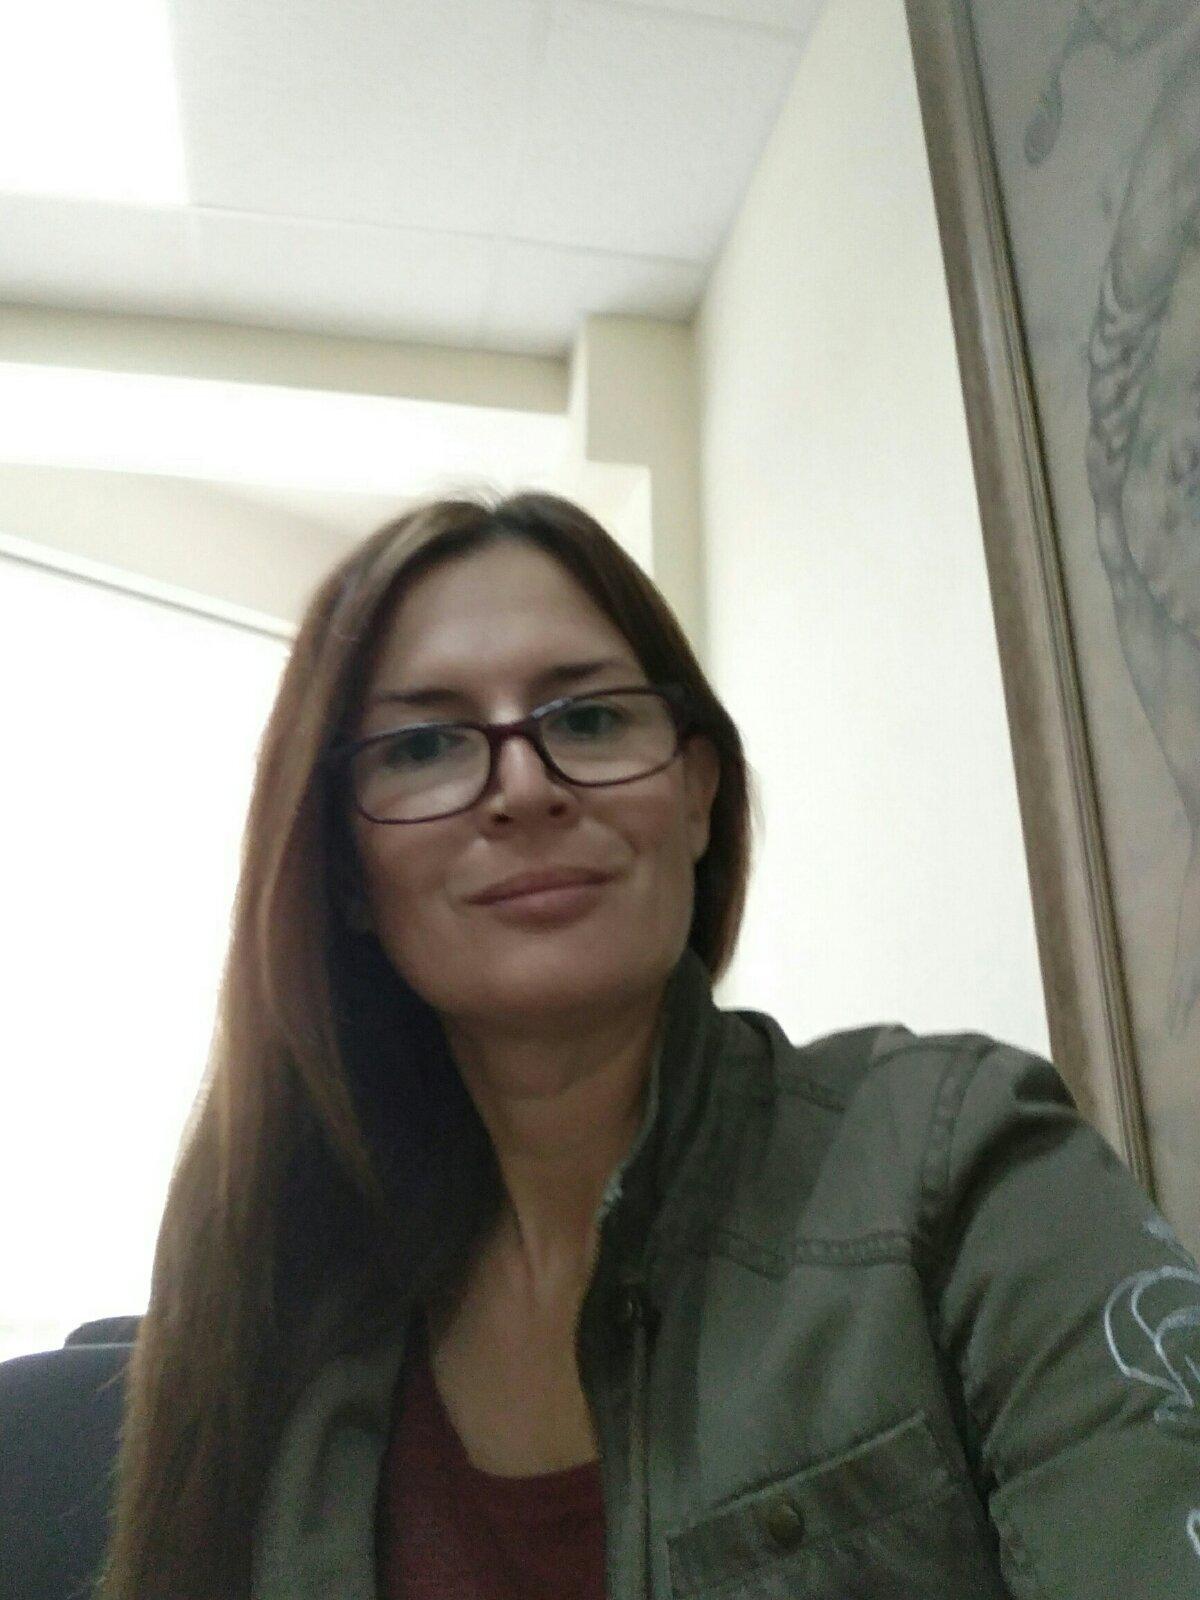 Психоаналитик, долгосрочная терапия, психологические консультации для  русско- и украиноязычных.